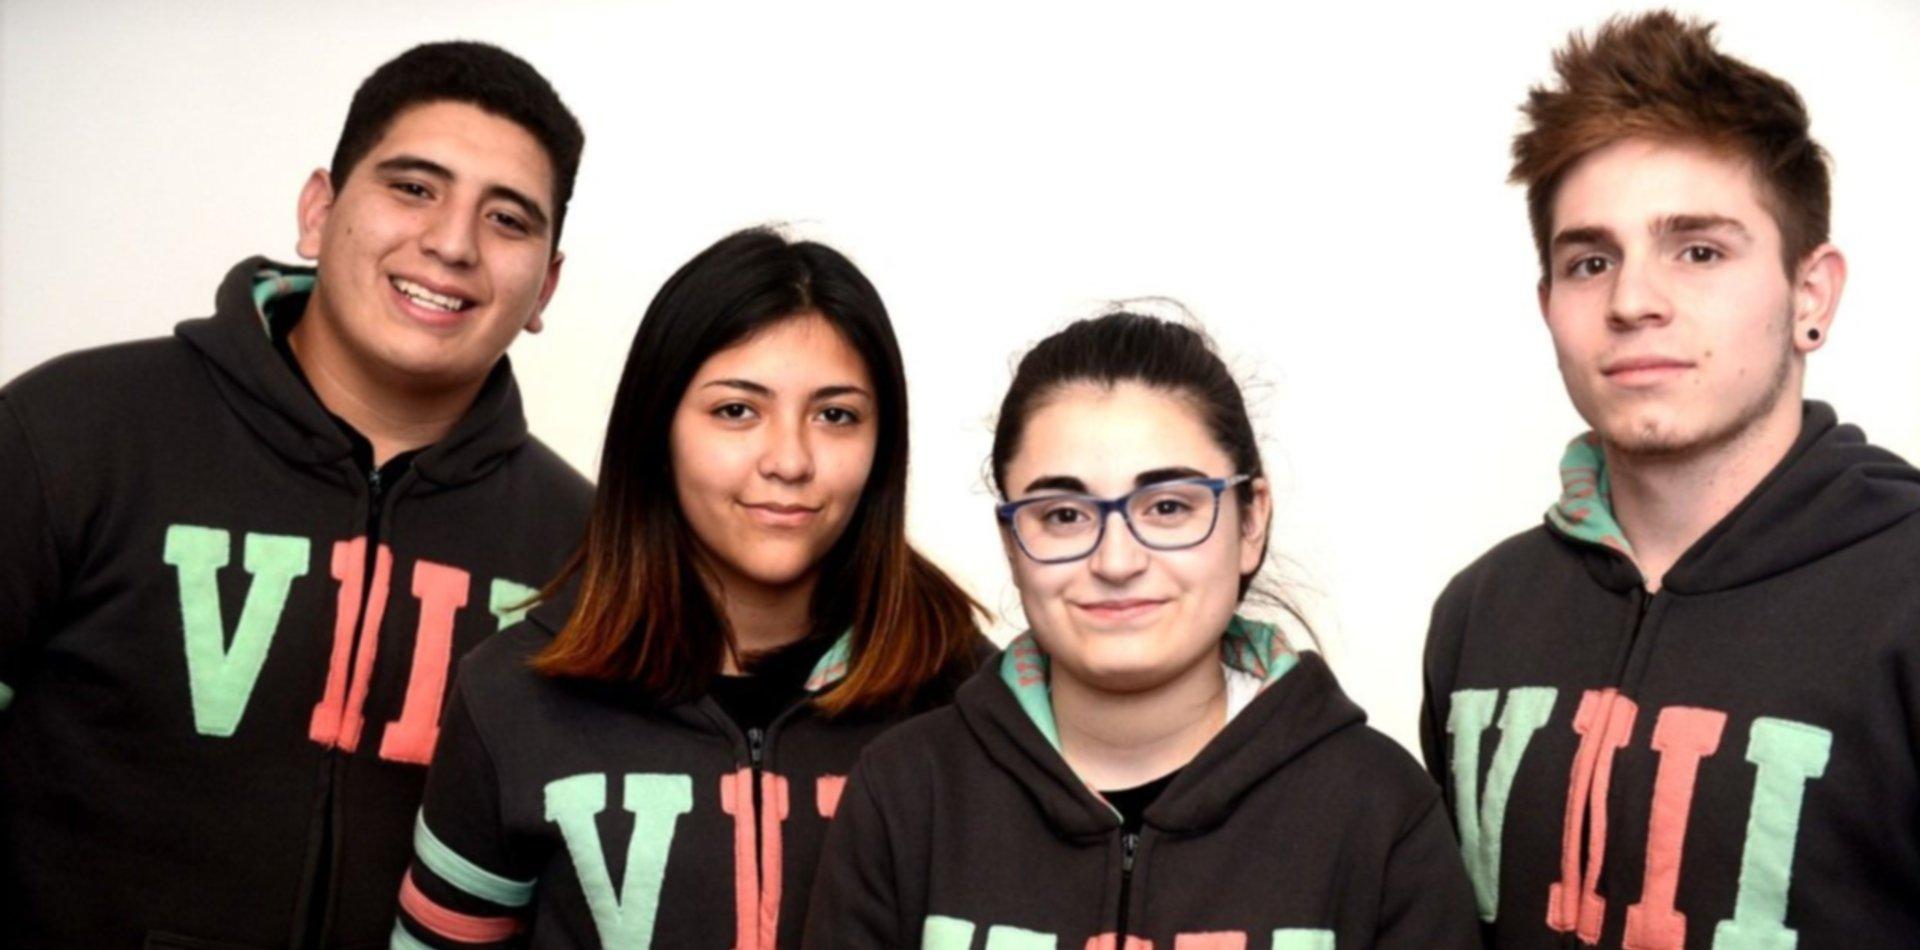 Egresados solidarios: en lugar de ir a Bariloche, viajarán a Misiones para ayudar a Iguazú